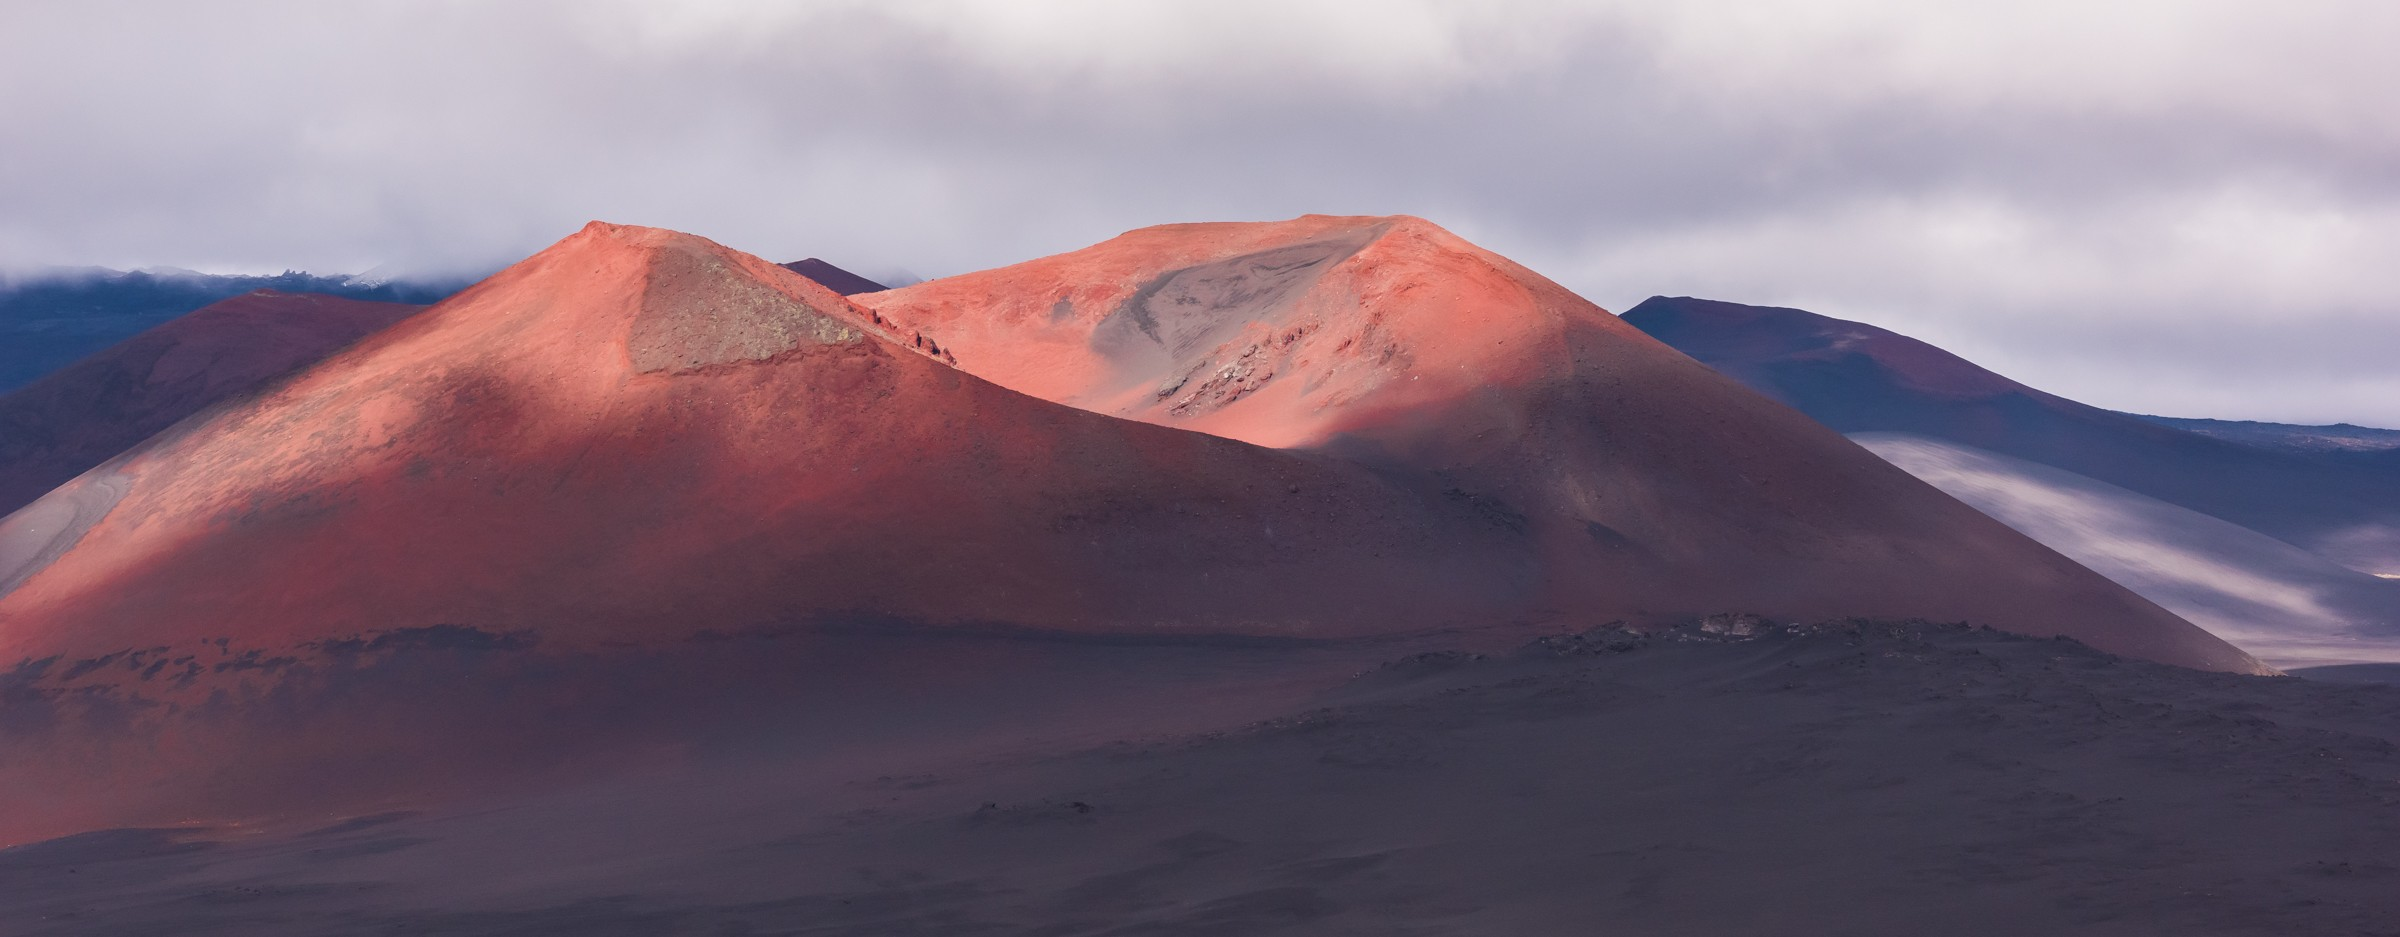 landschap kamchatka 5834